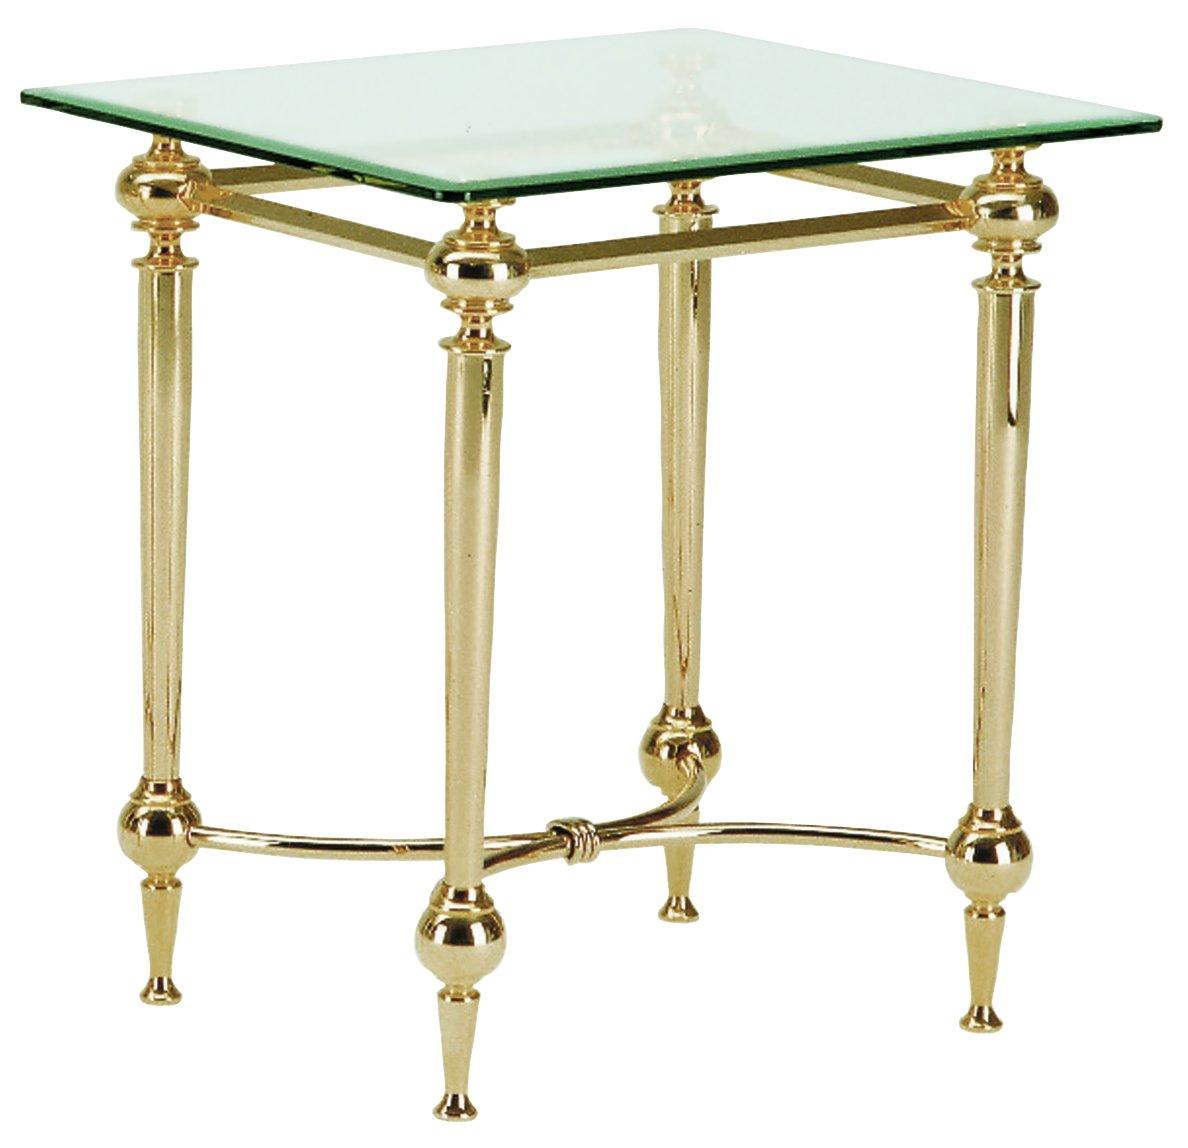 HAKU Möbel 47143 Beistelltisch 50 x 43 x 53 cm, vergoldet  Bewertungen und Beschreibung